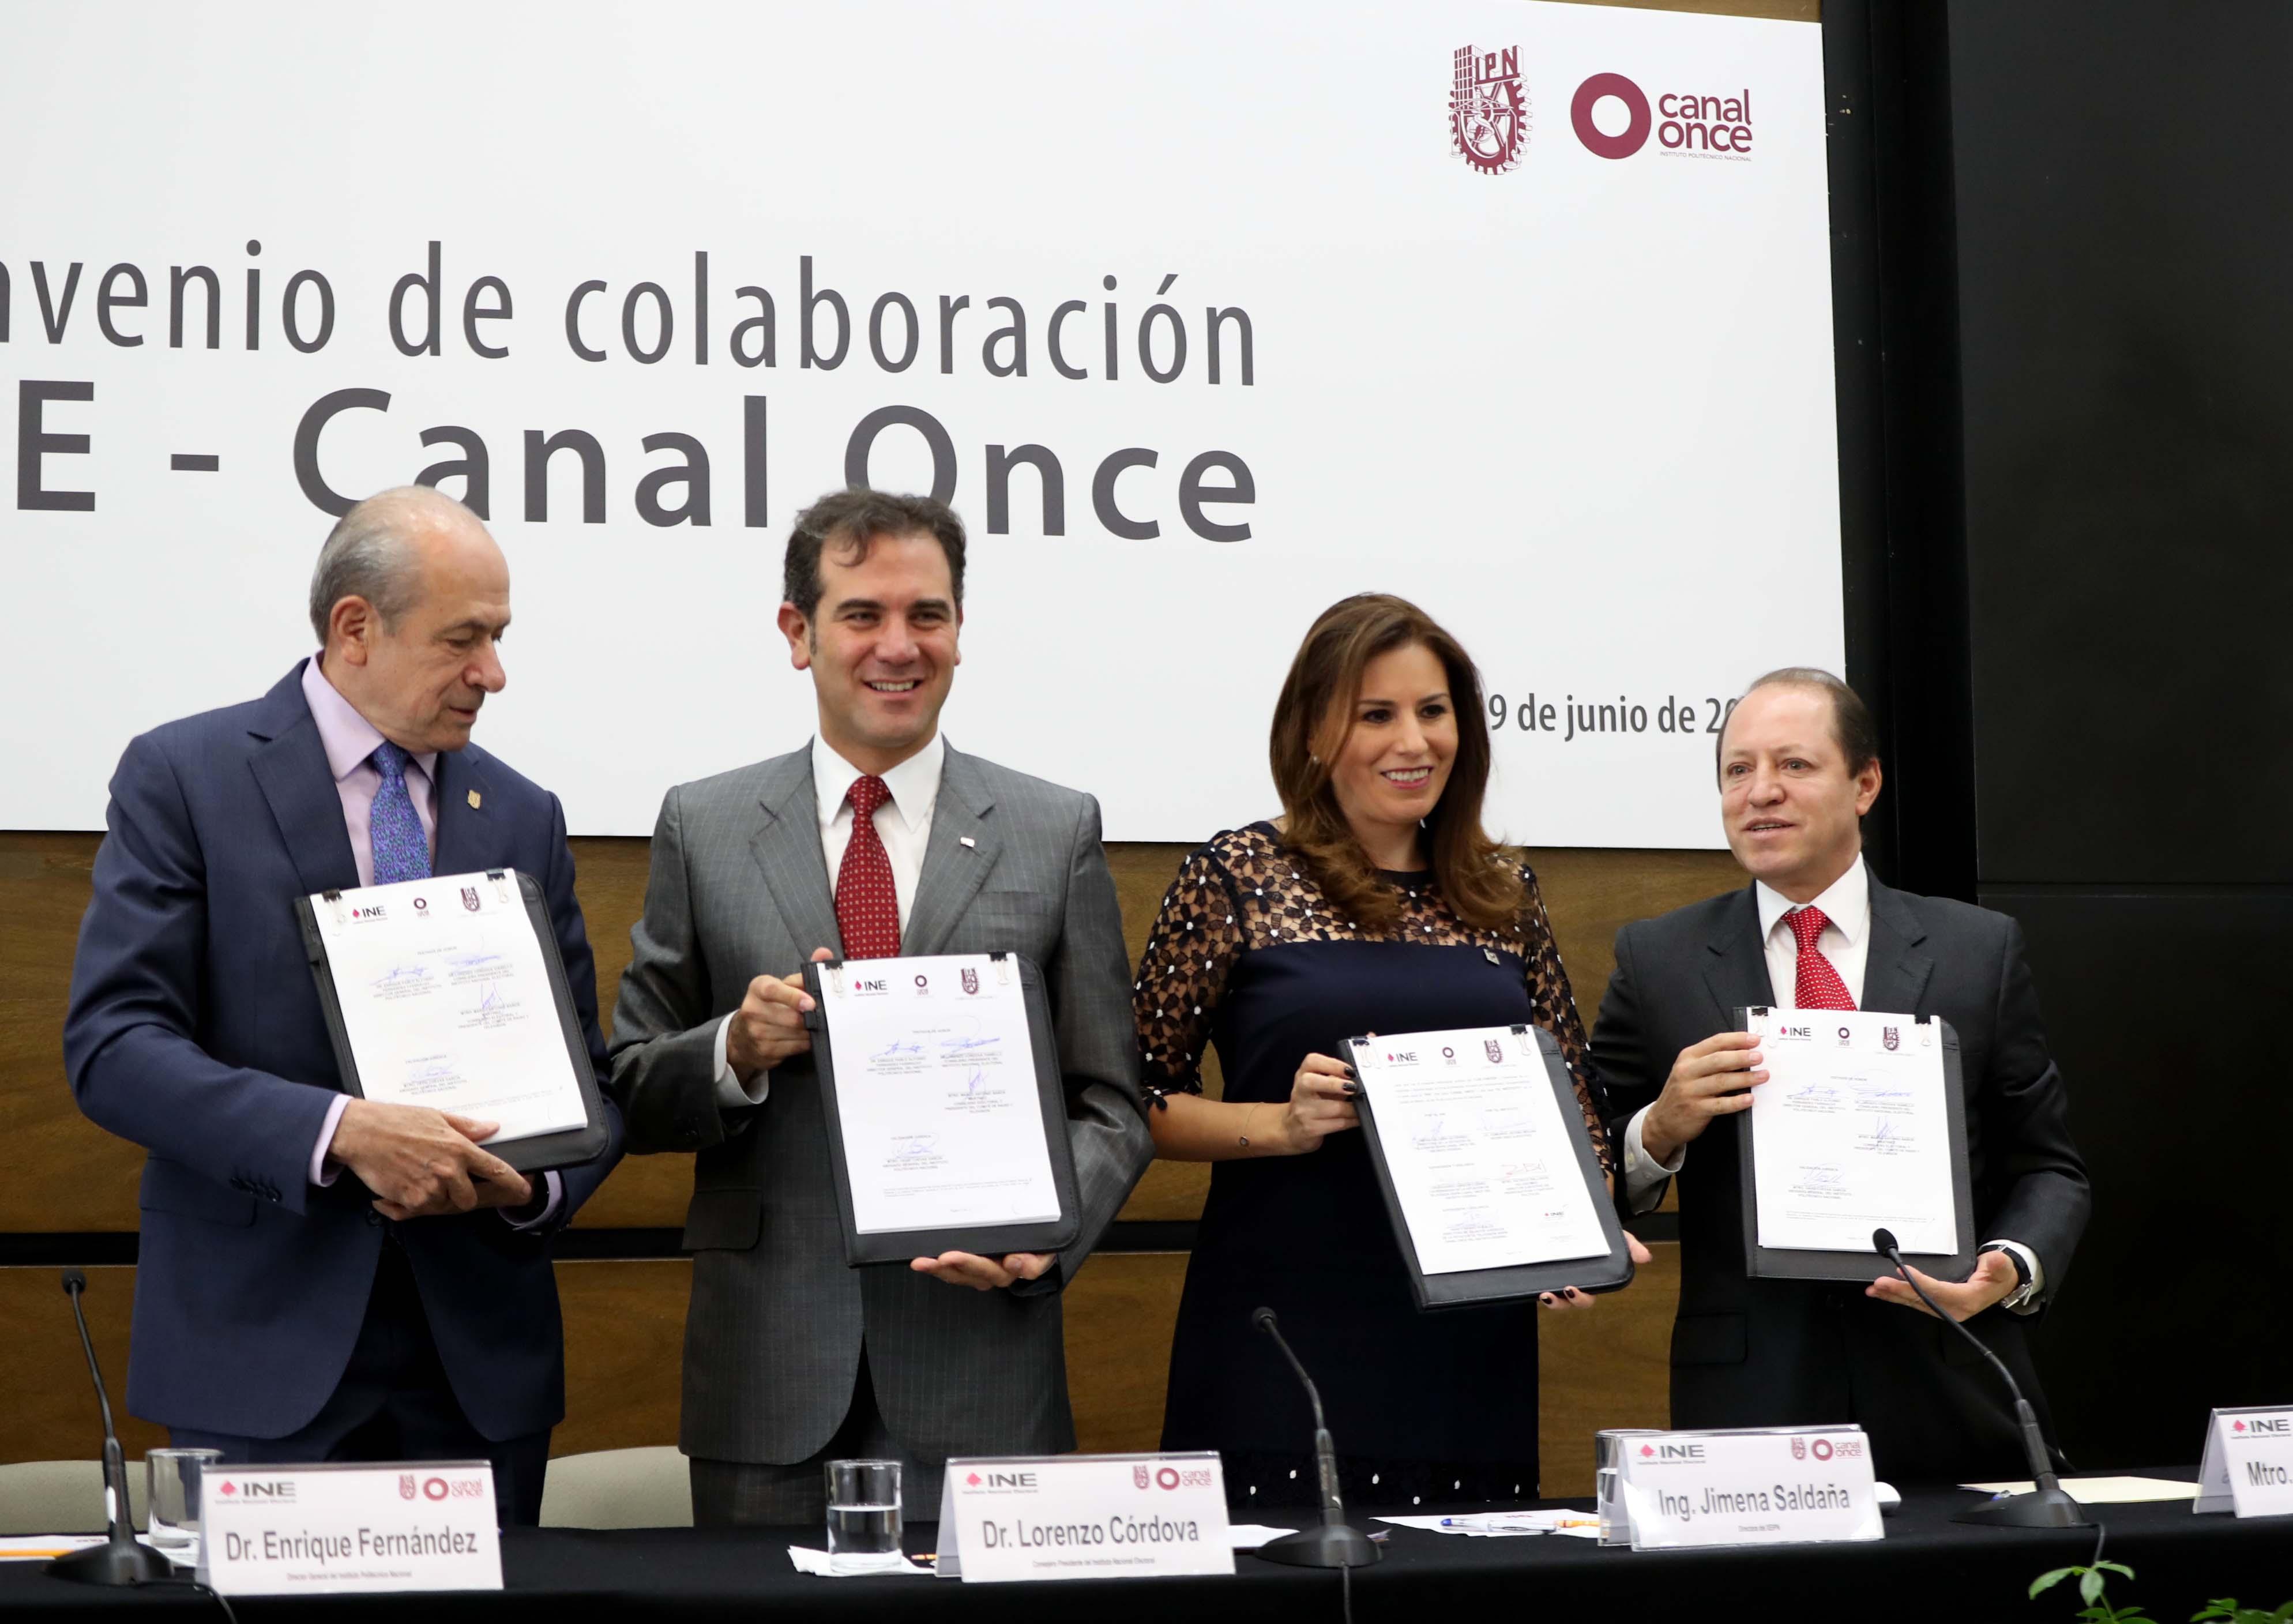 Firma de convenio de colaboraci n ine canal once central for Fuera de convenio 2017